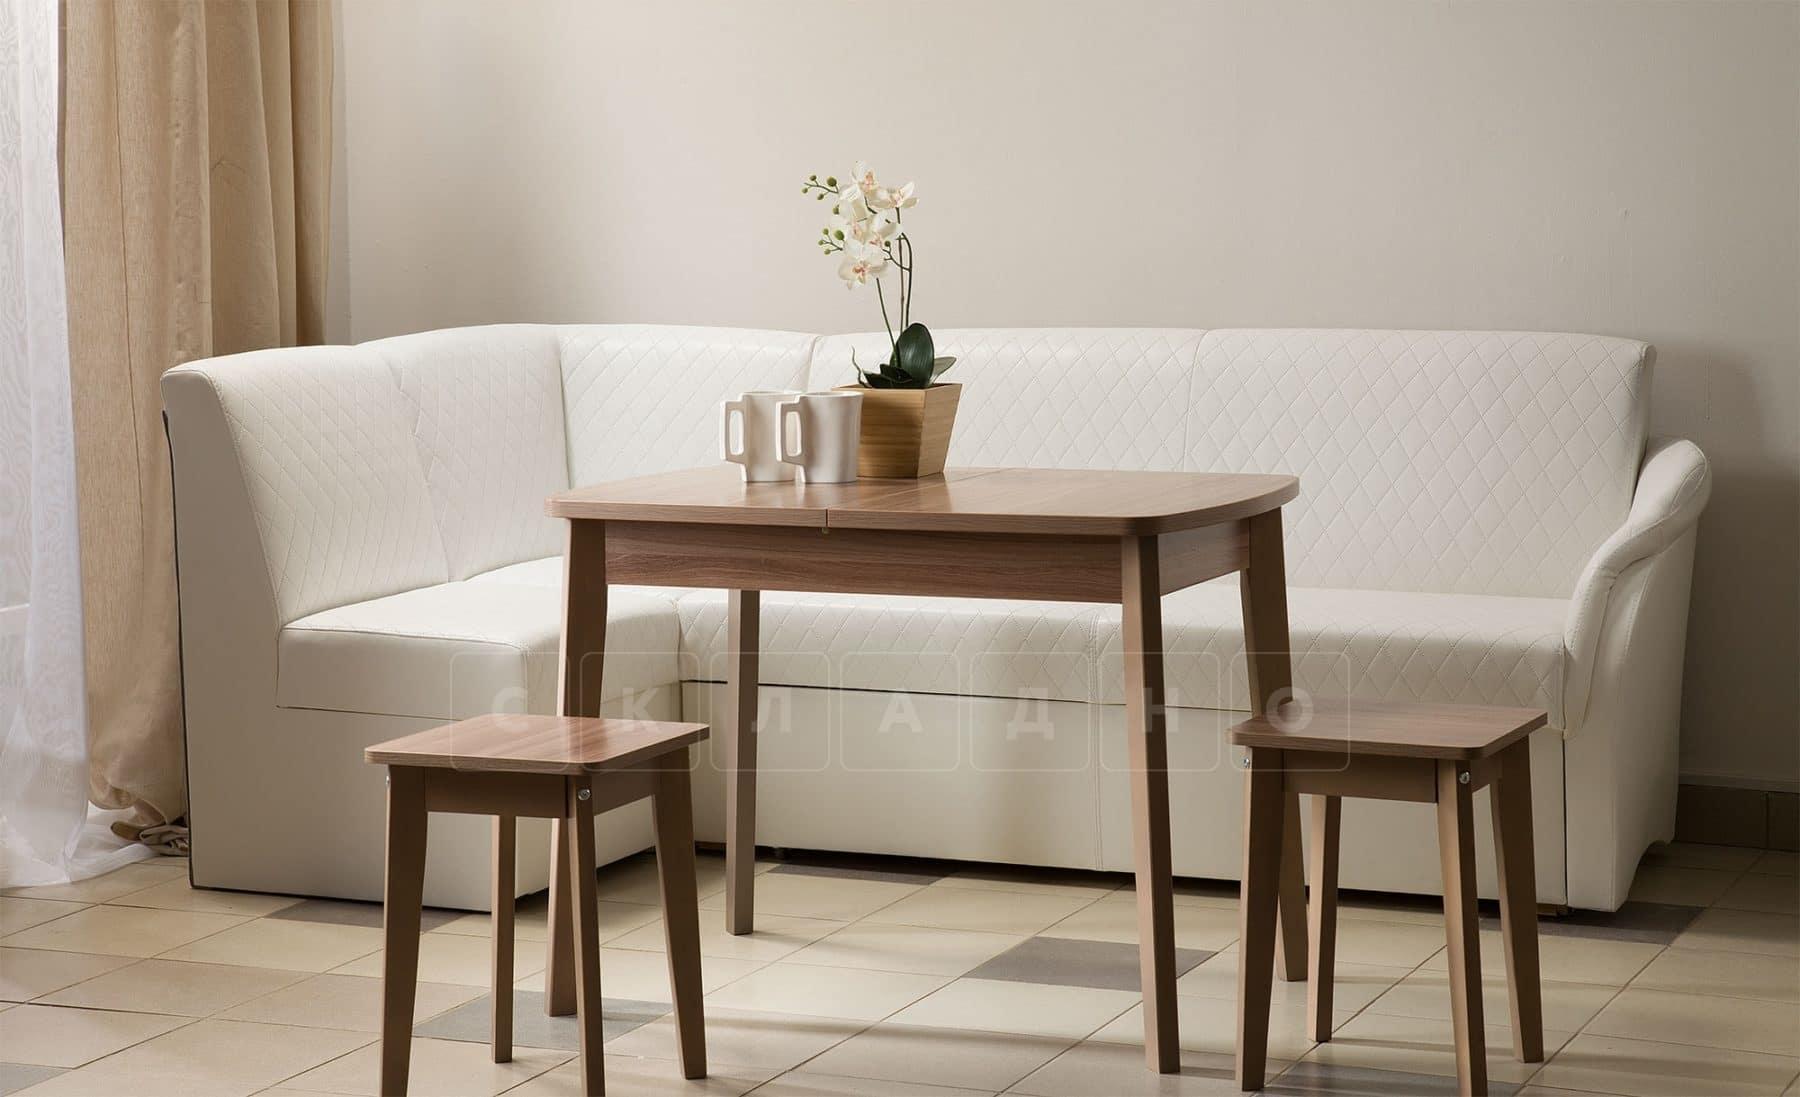 Кухонный уголок Бигер со спальным местом фото 3 | интернет-магазин Складно